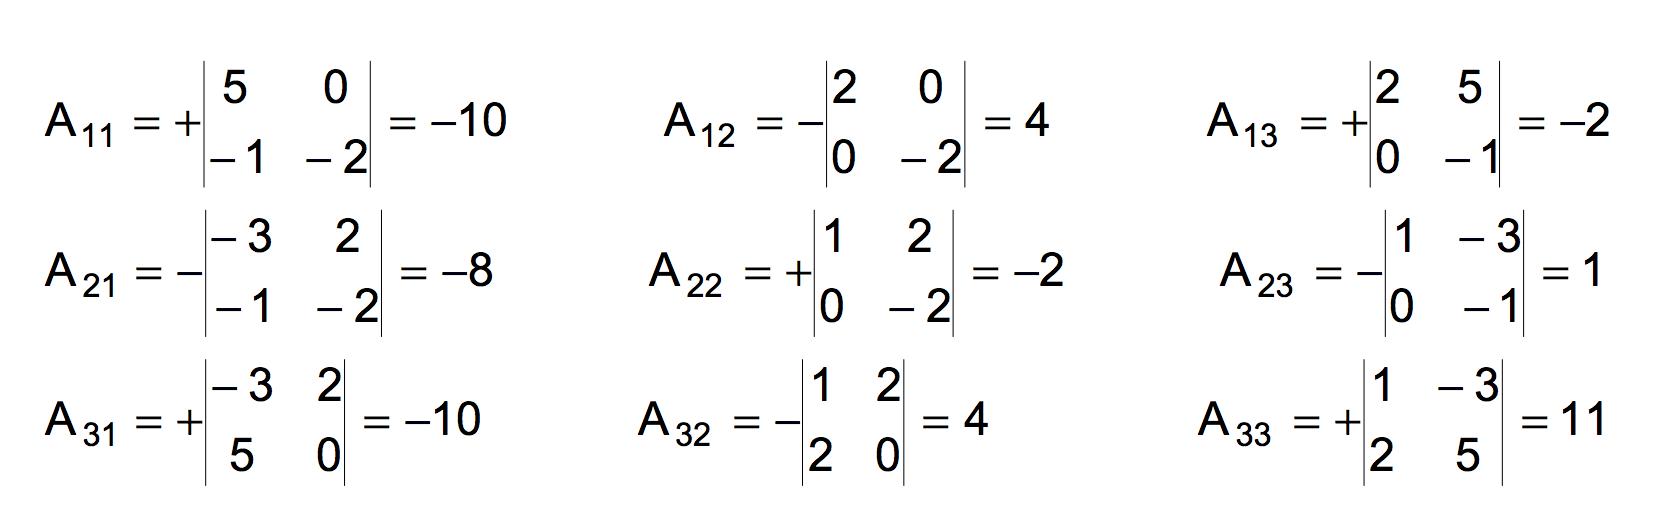 Cálculo de adjuntos